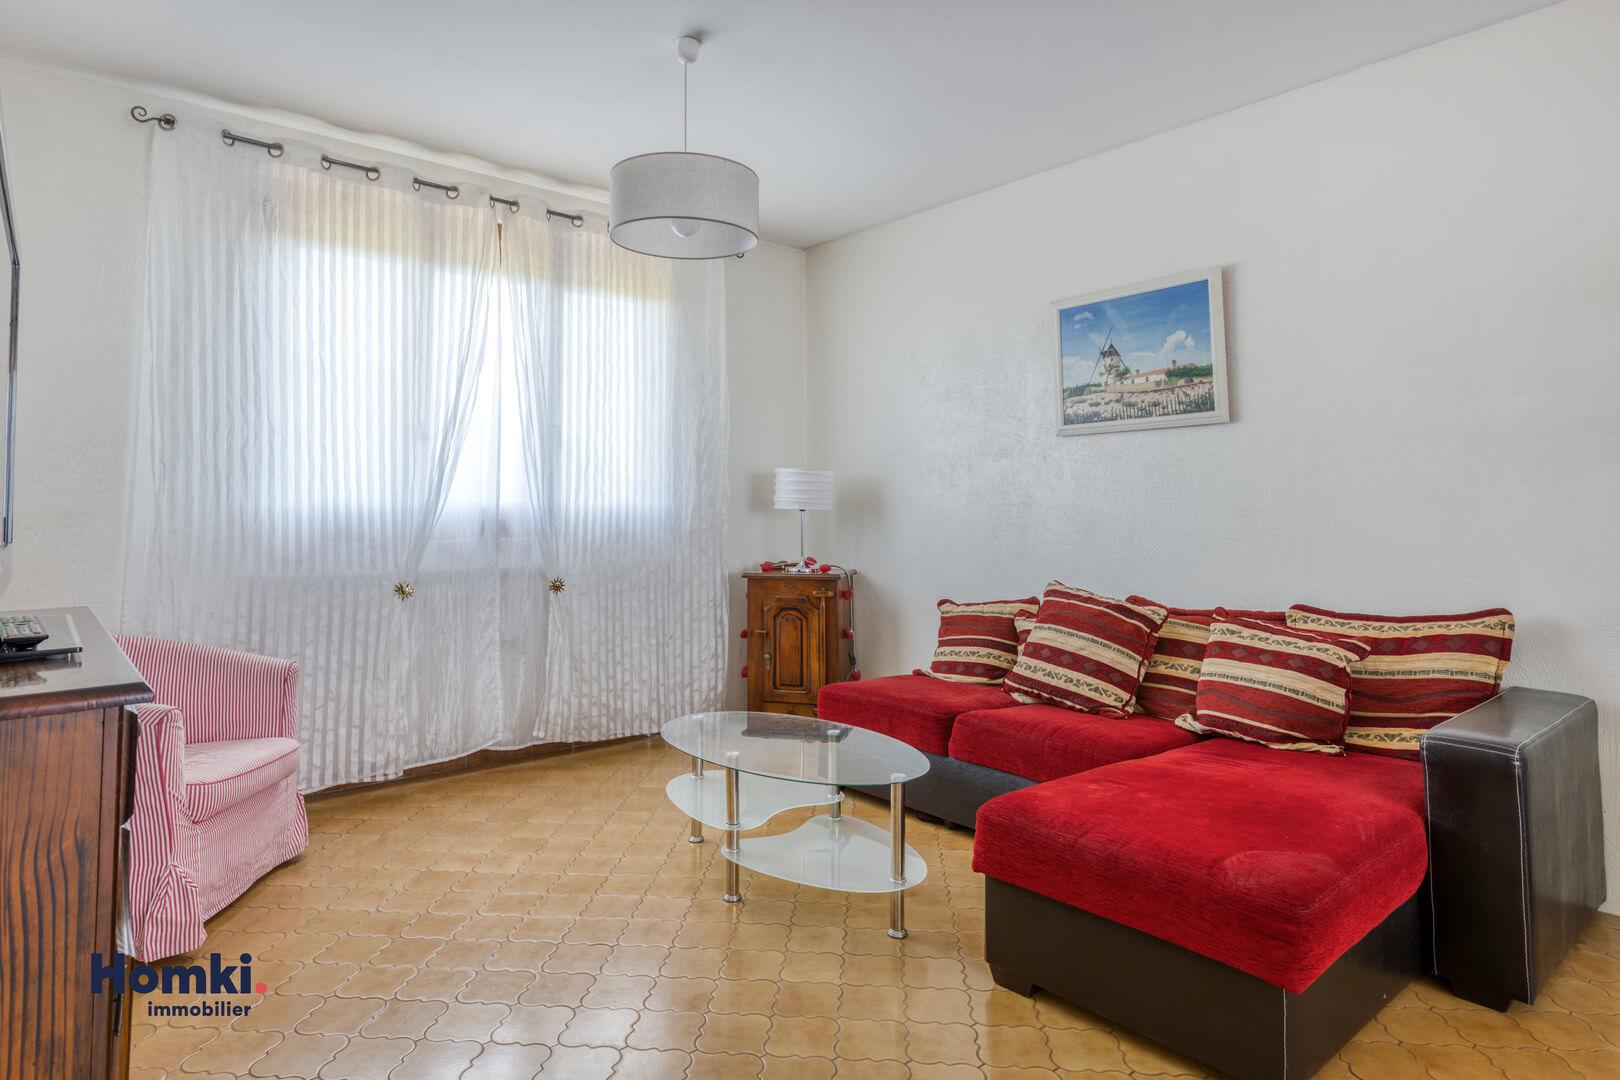 Vente maison 140m² T6 69800_3